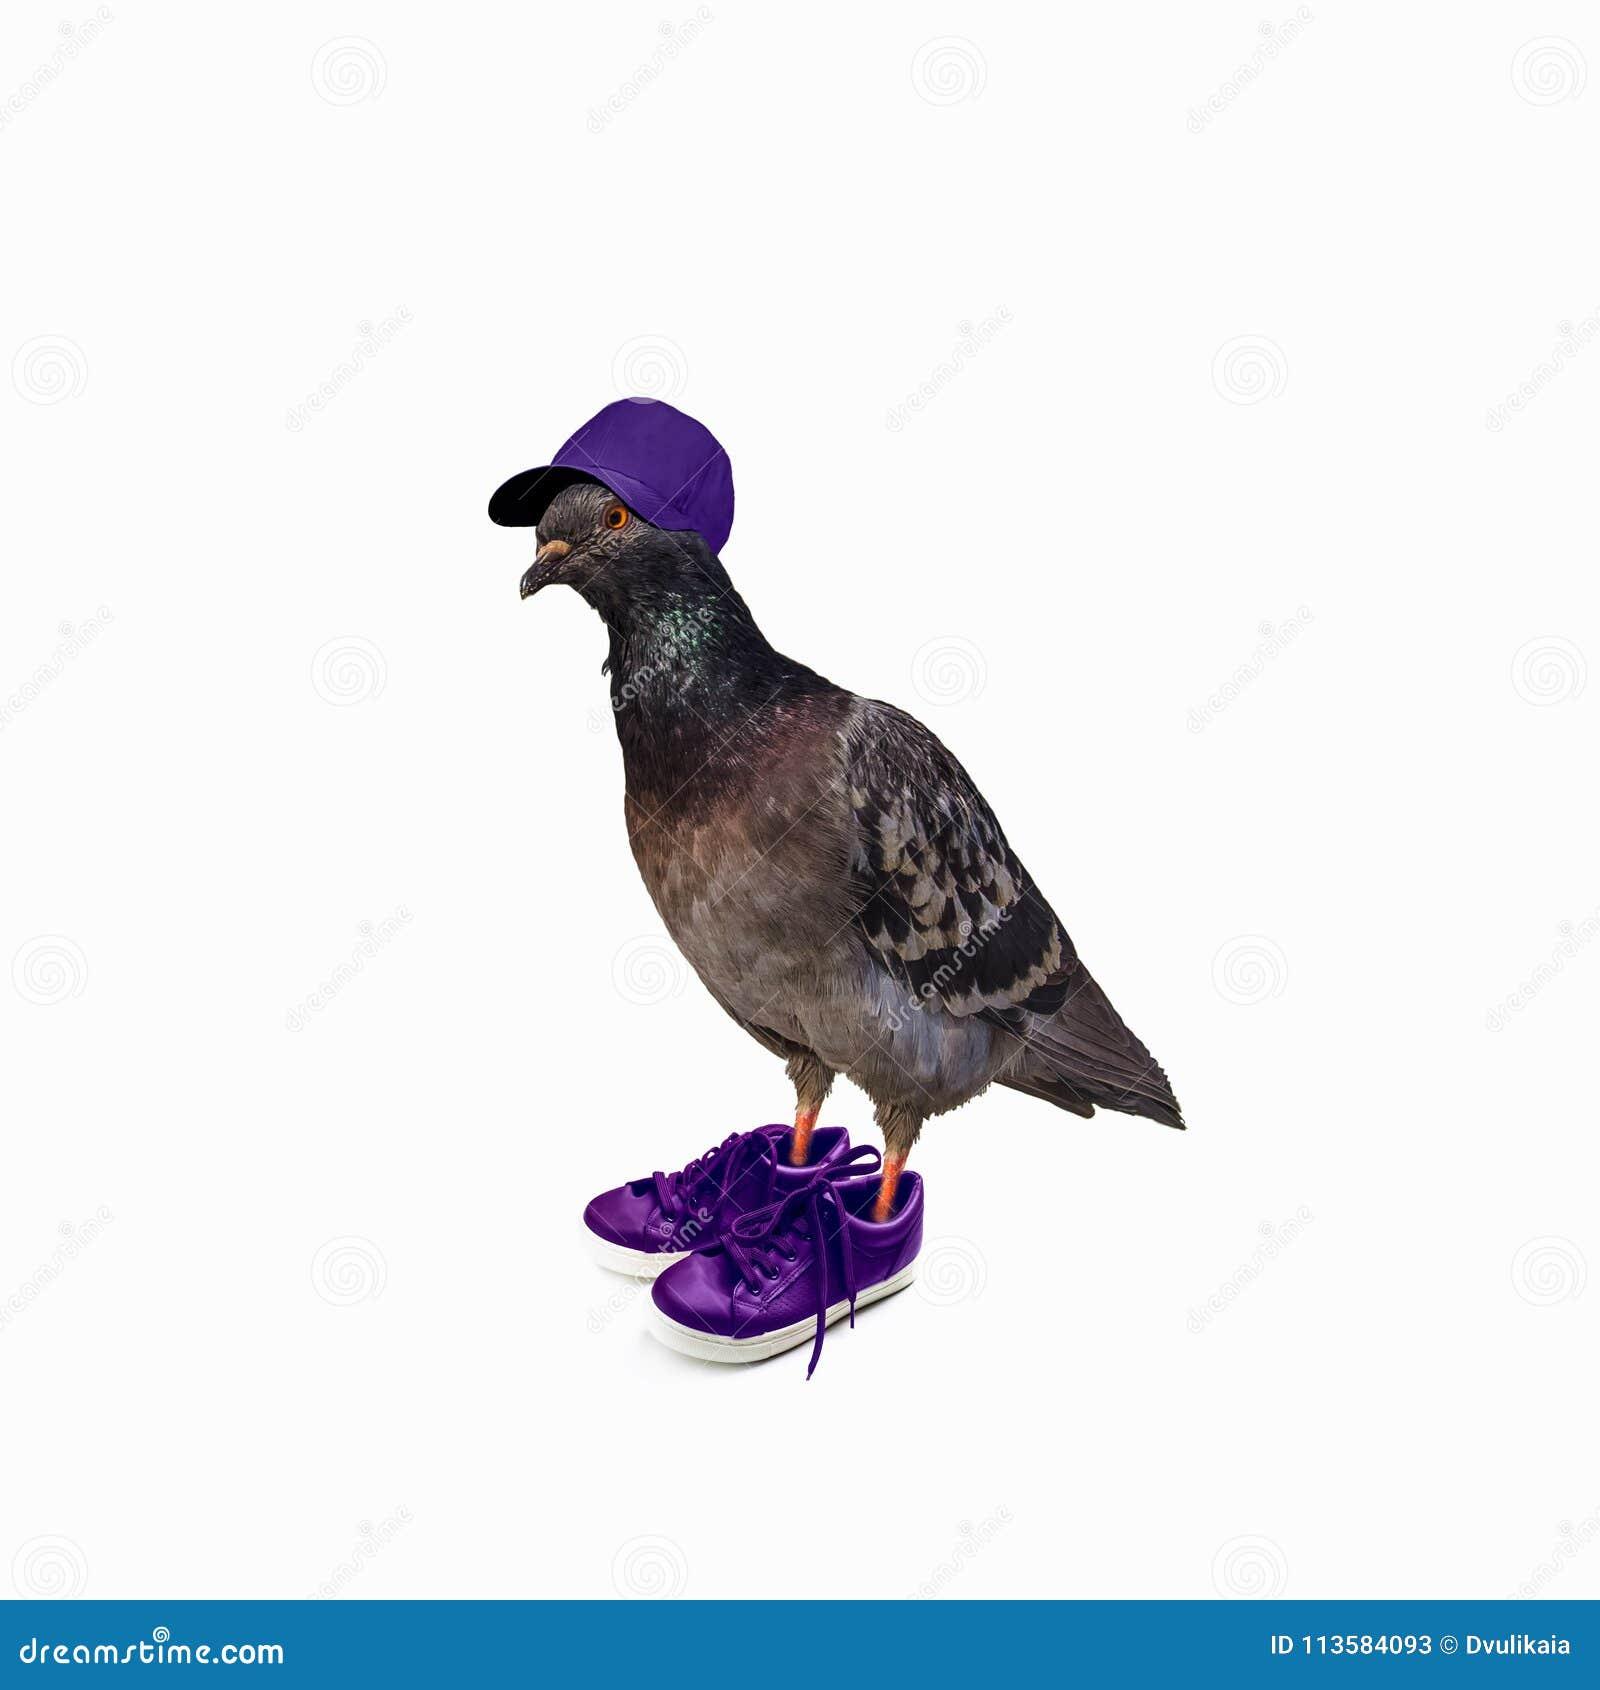 5f2538f6aee Αστείο περιστέρι στο ιώδες πορτρέτο κολάζ πάνινων παπουτσιών και μικτό  μέσων ΚΑΠ. Περισσότερες παρόμοιες στοκ εικόνες